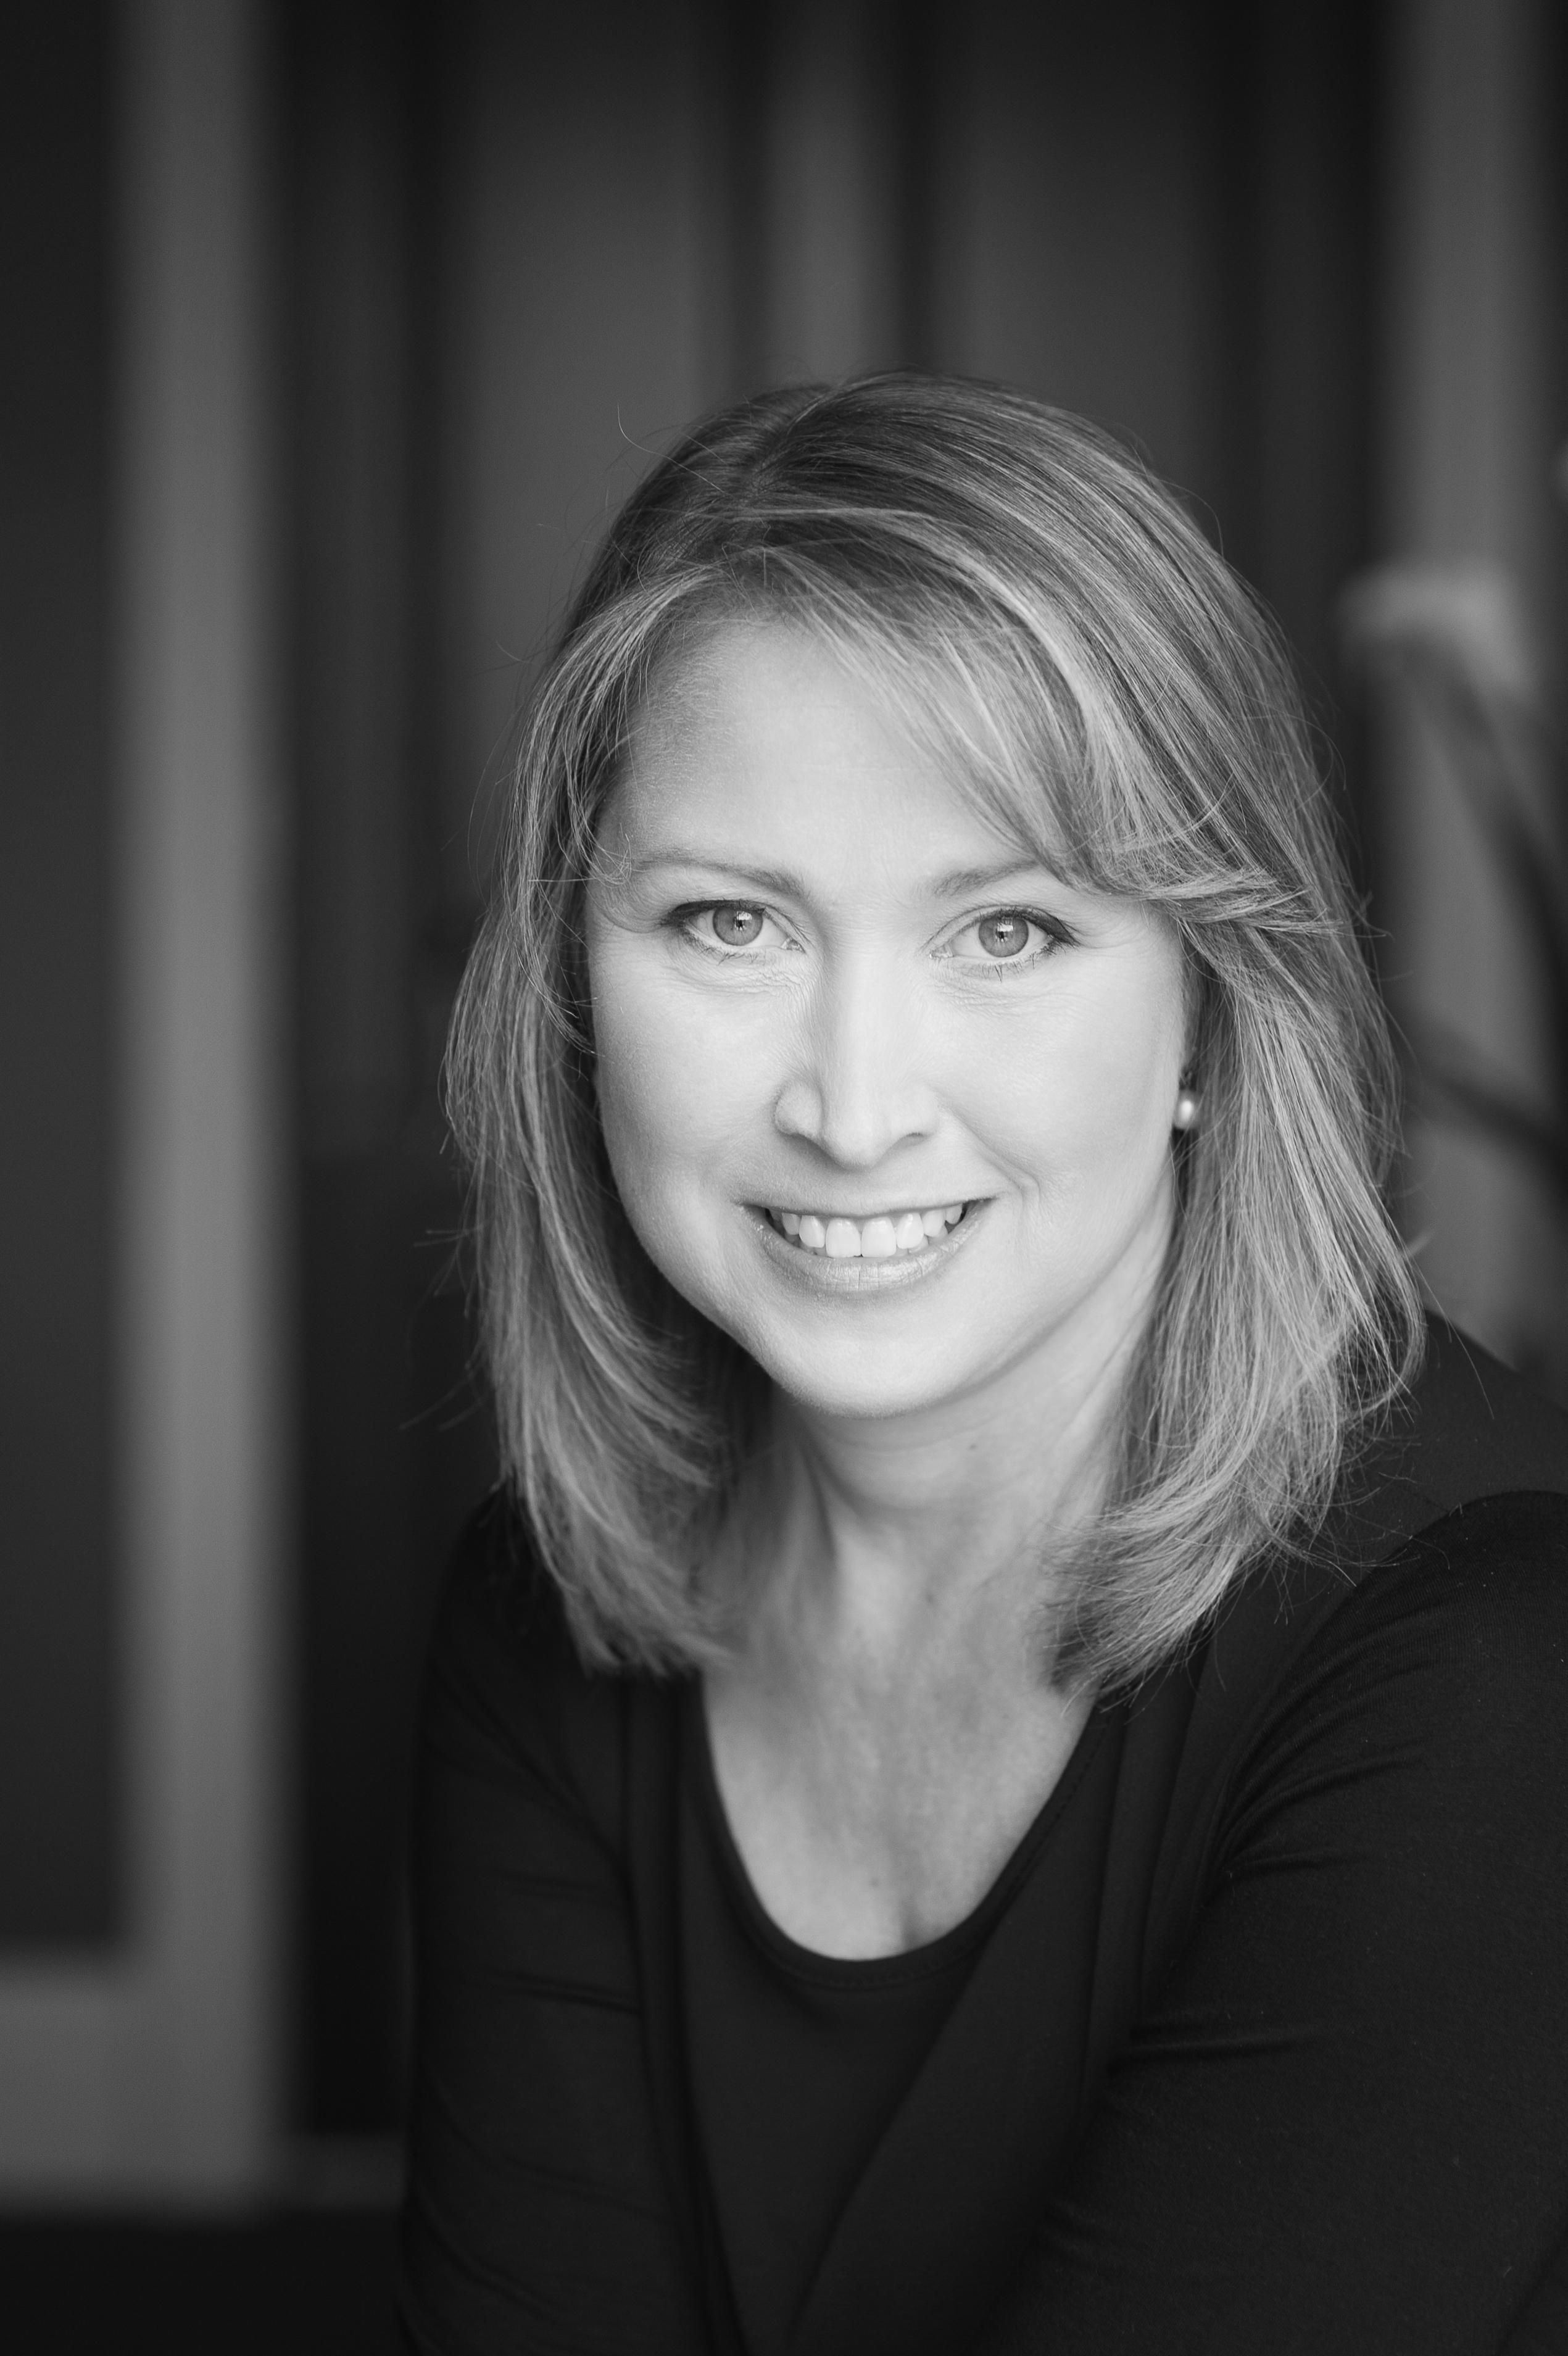 Deanna Mendenhall-Miller